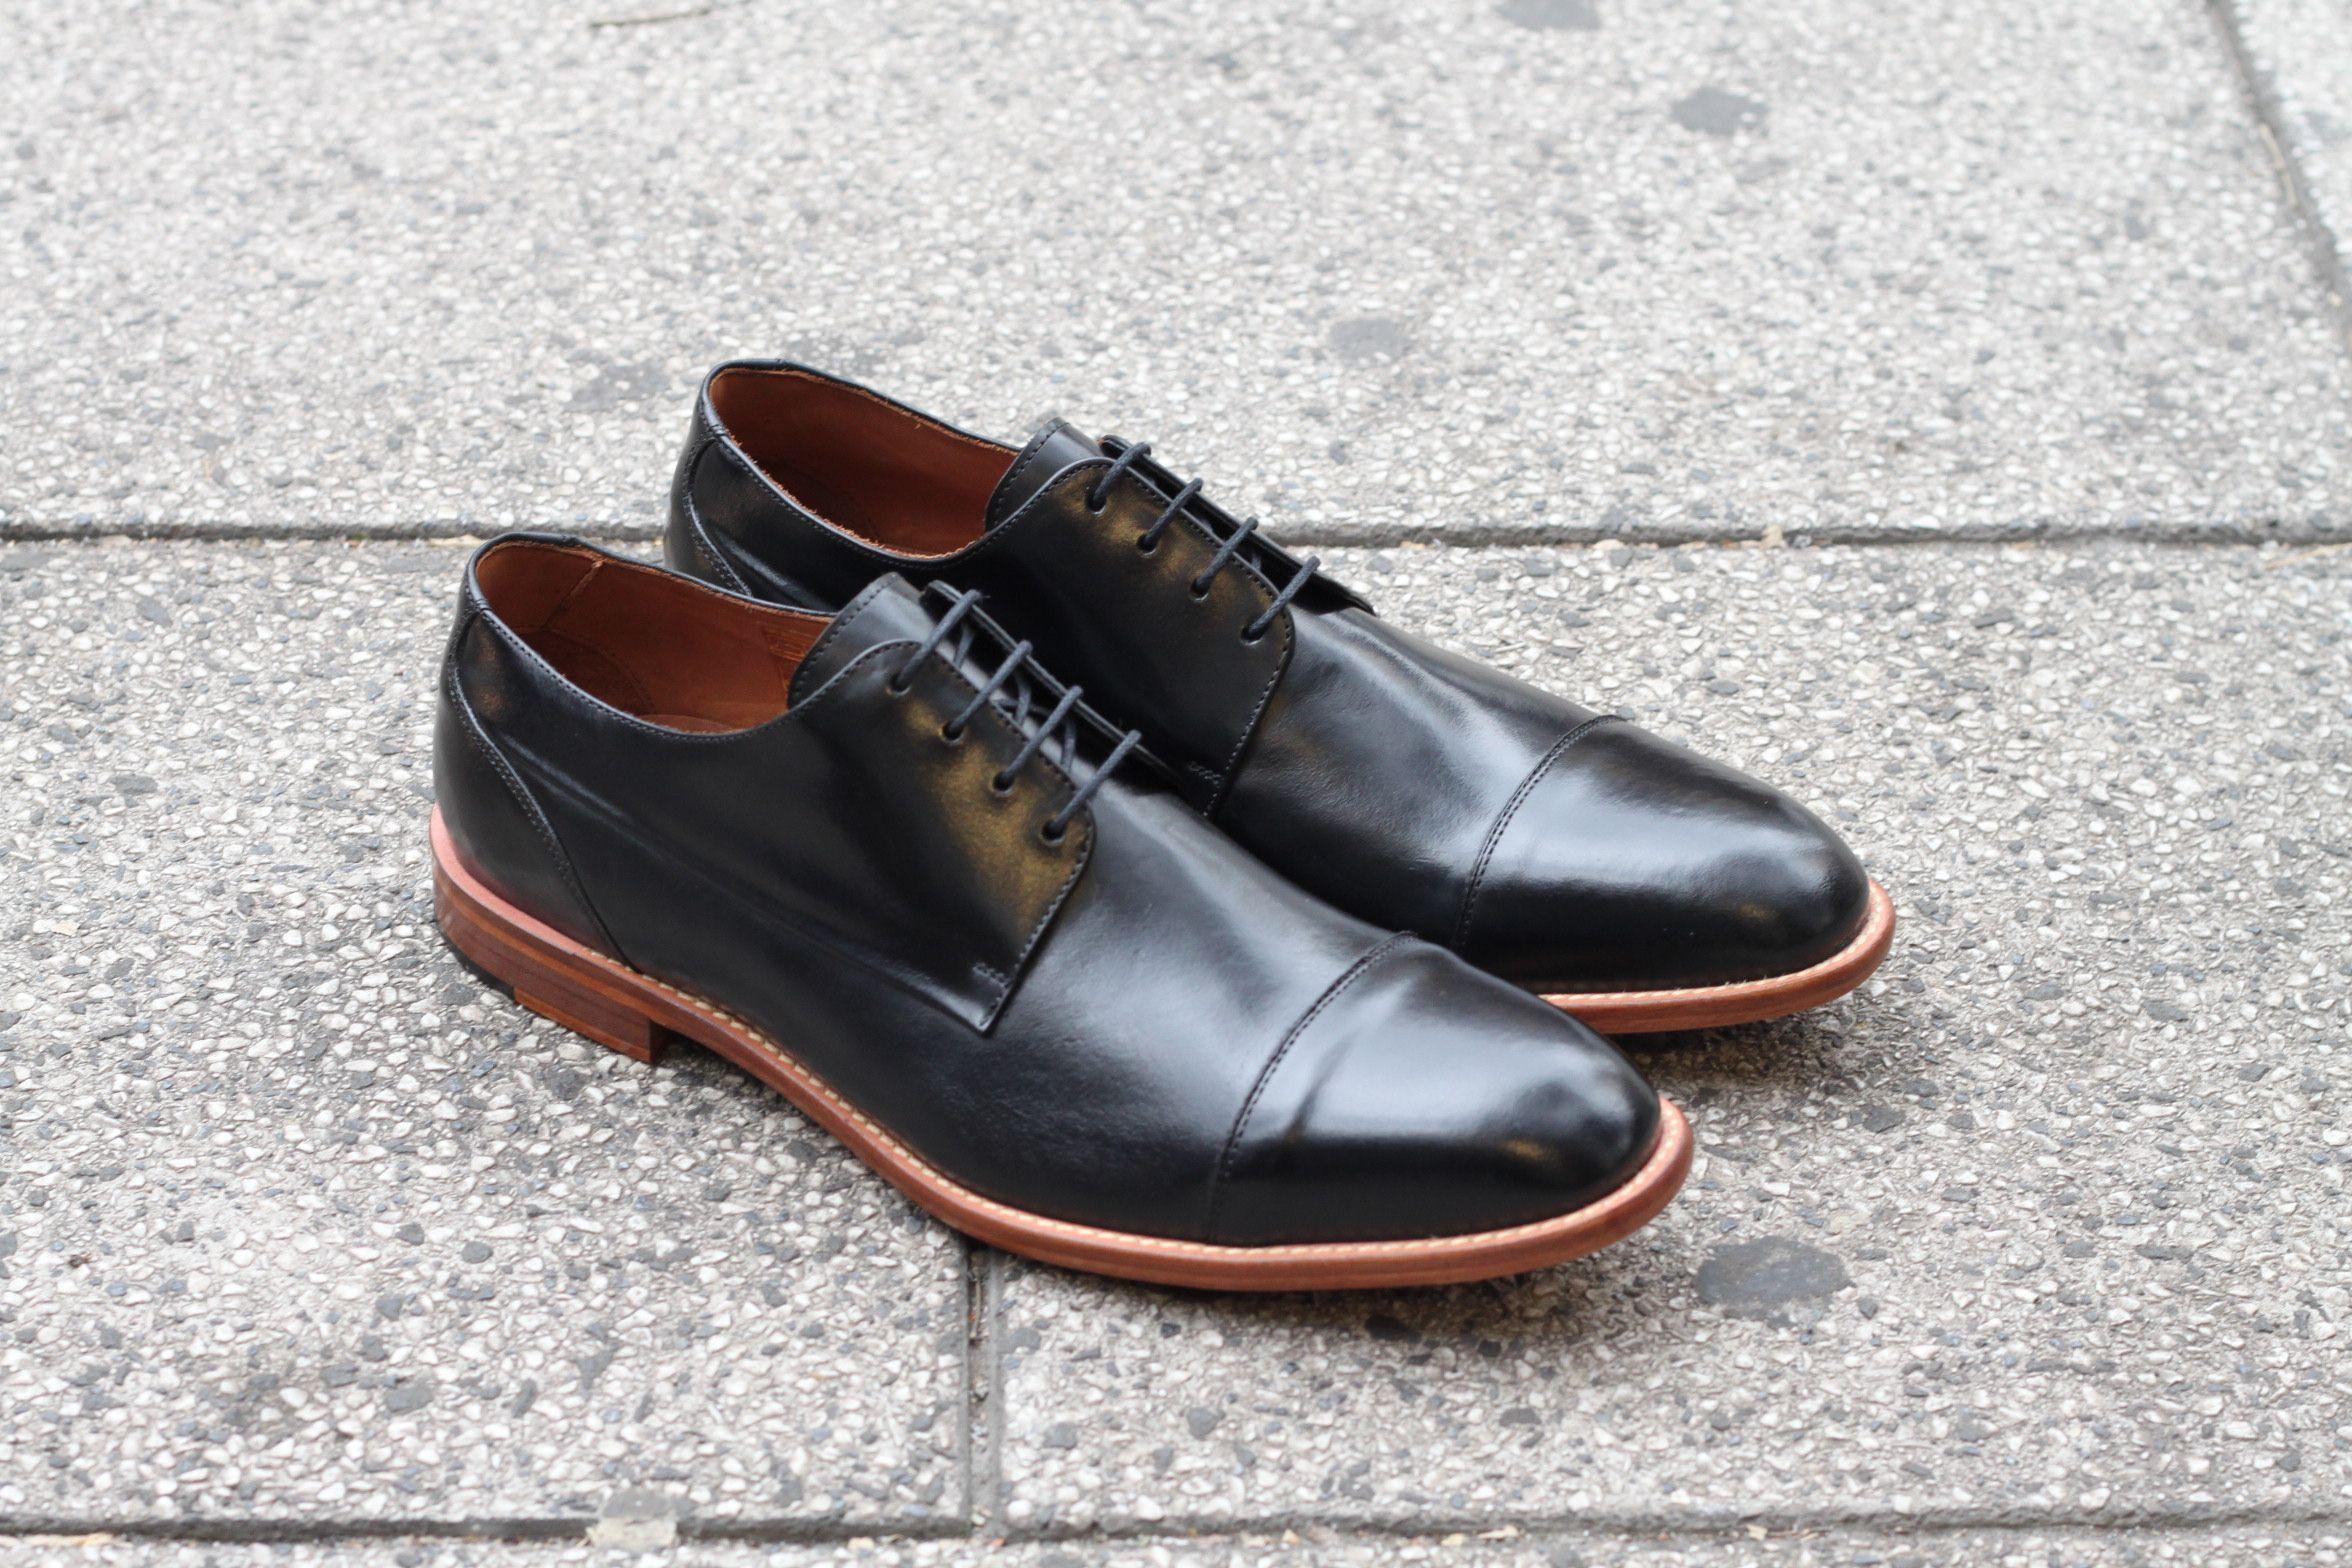 1de6685abd Sapato Social Masculino Derby CNS em couro Preto com sola de couro e forro  em couro